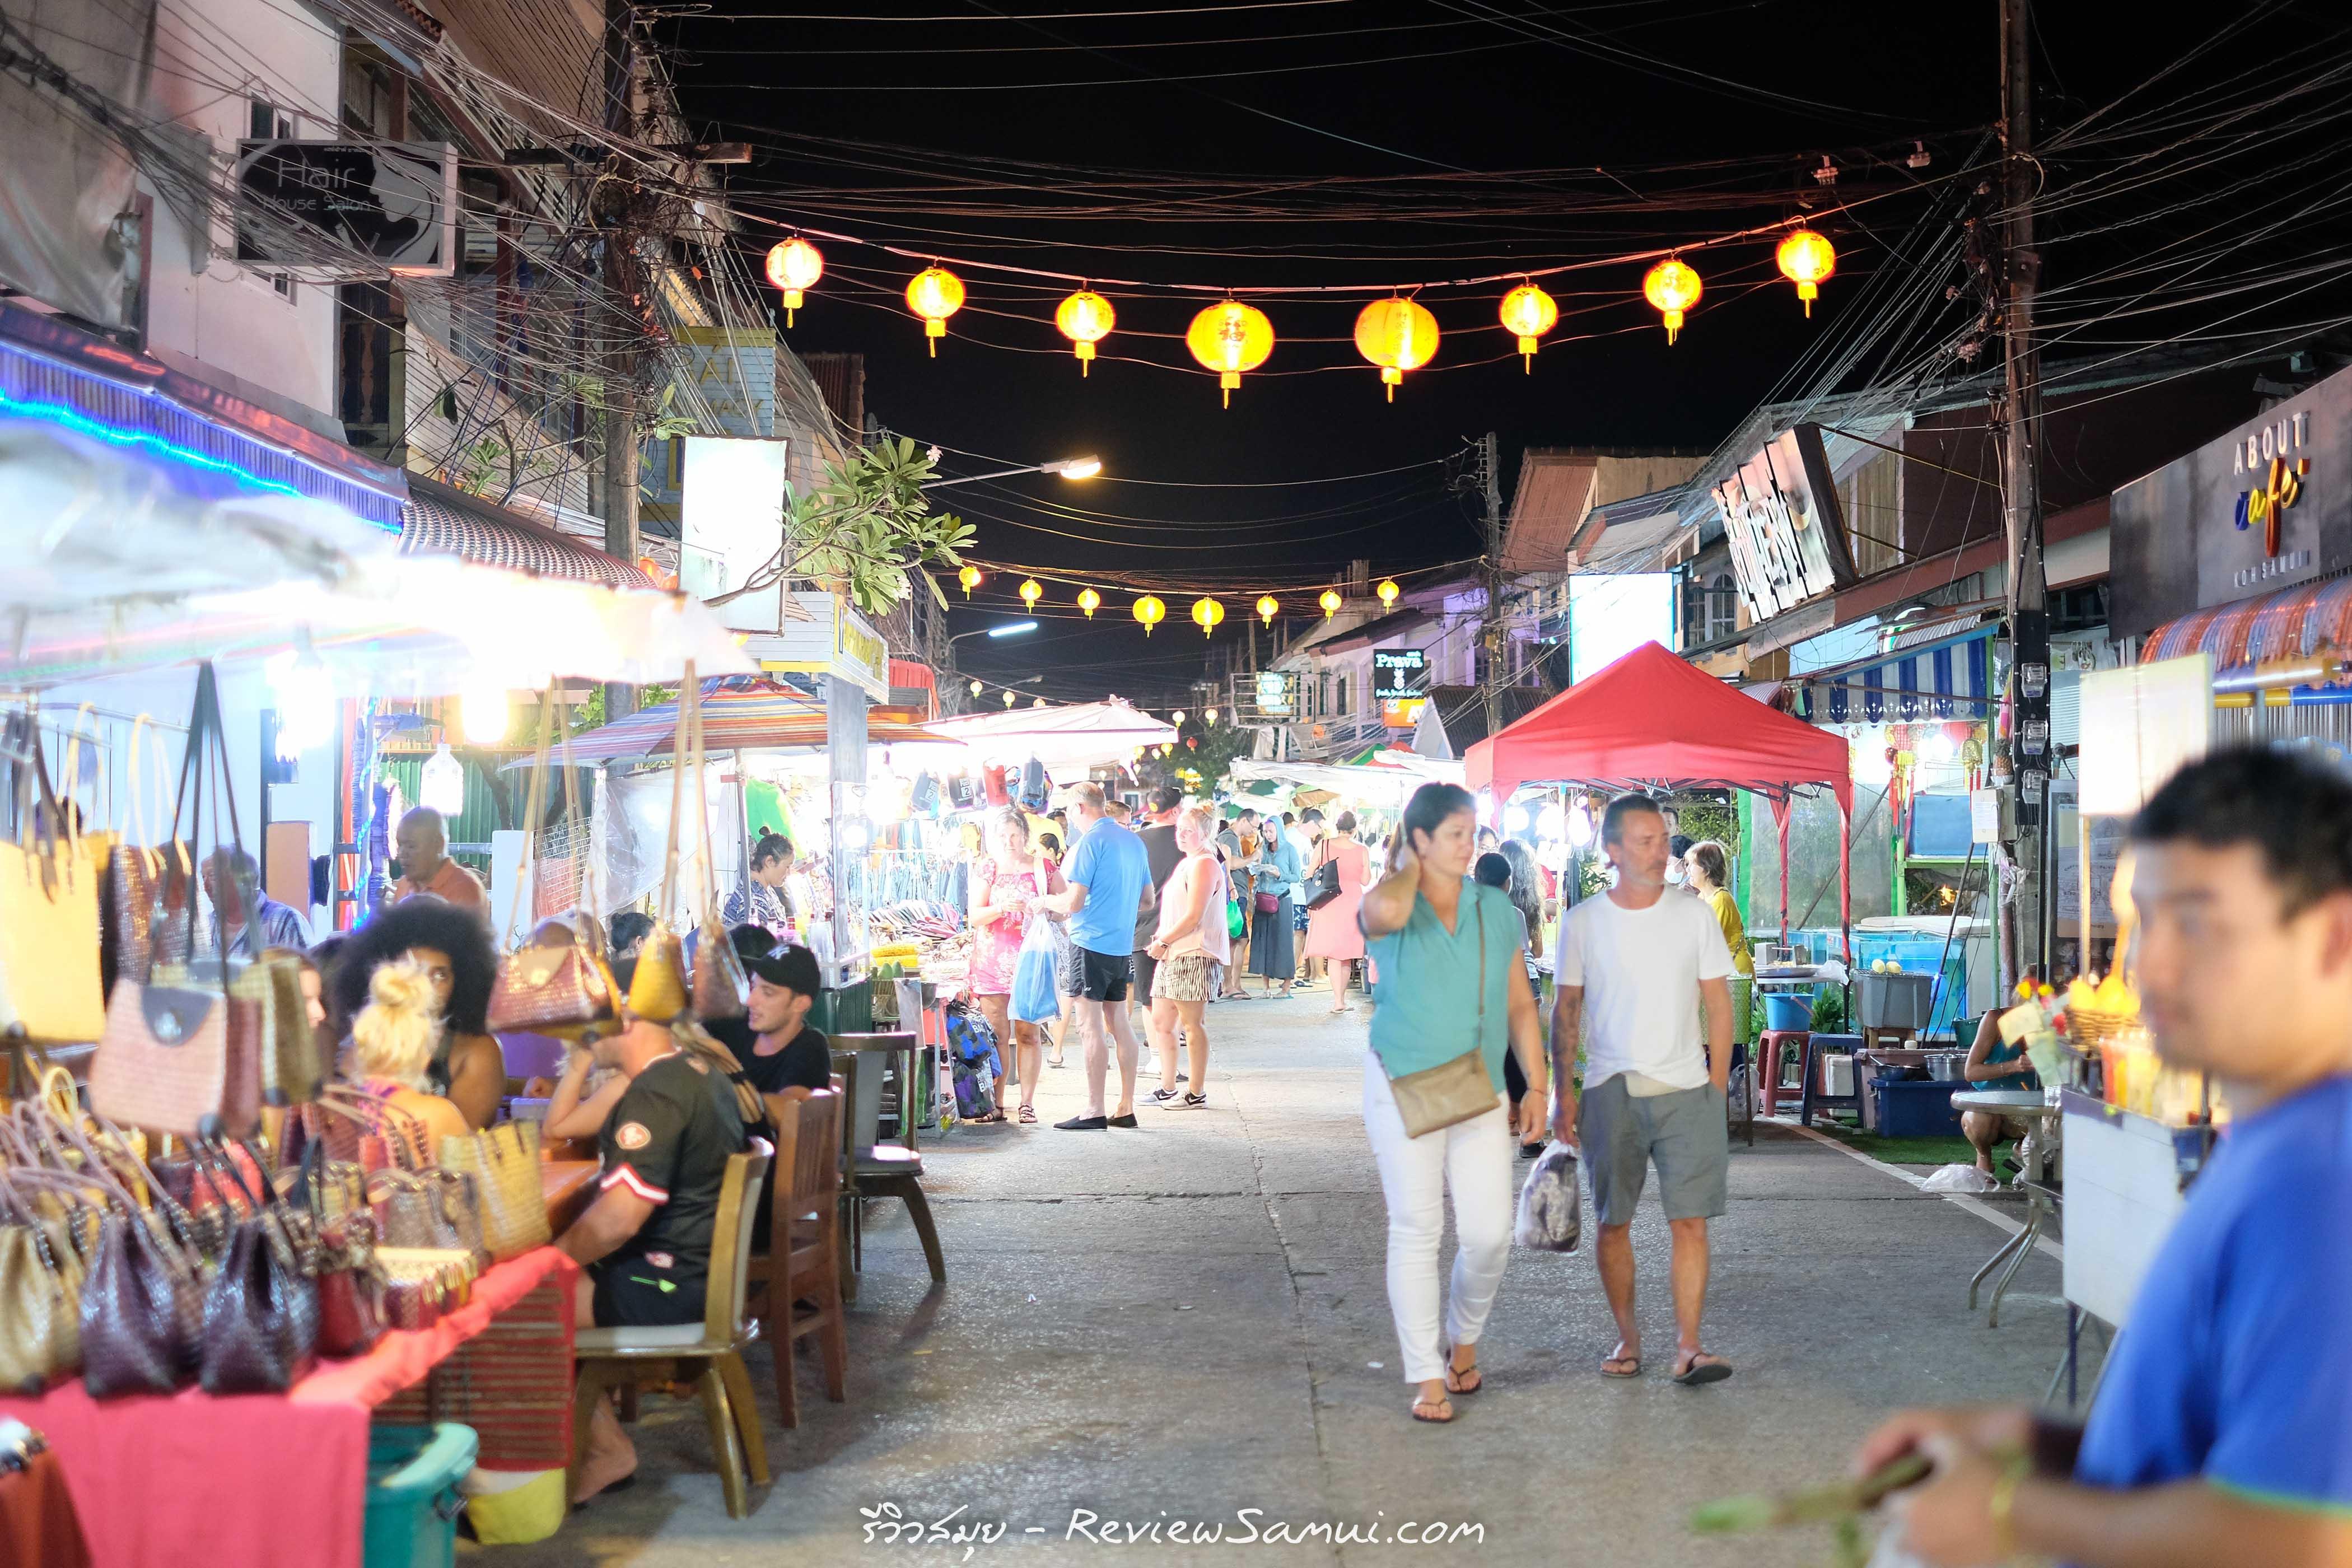 ถนนคนเดินแม่น้ำ รีวิวสมุย | Review samui